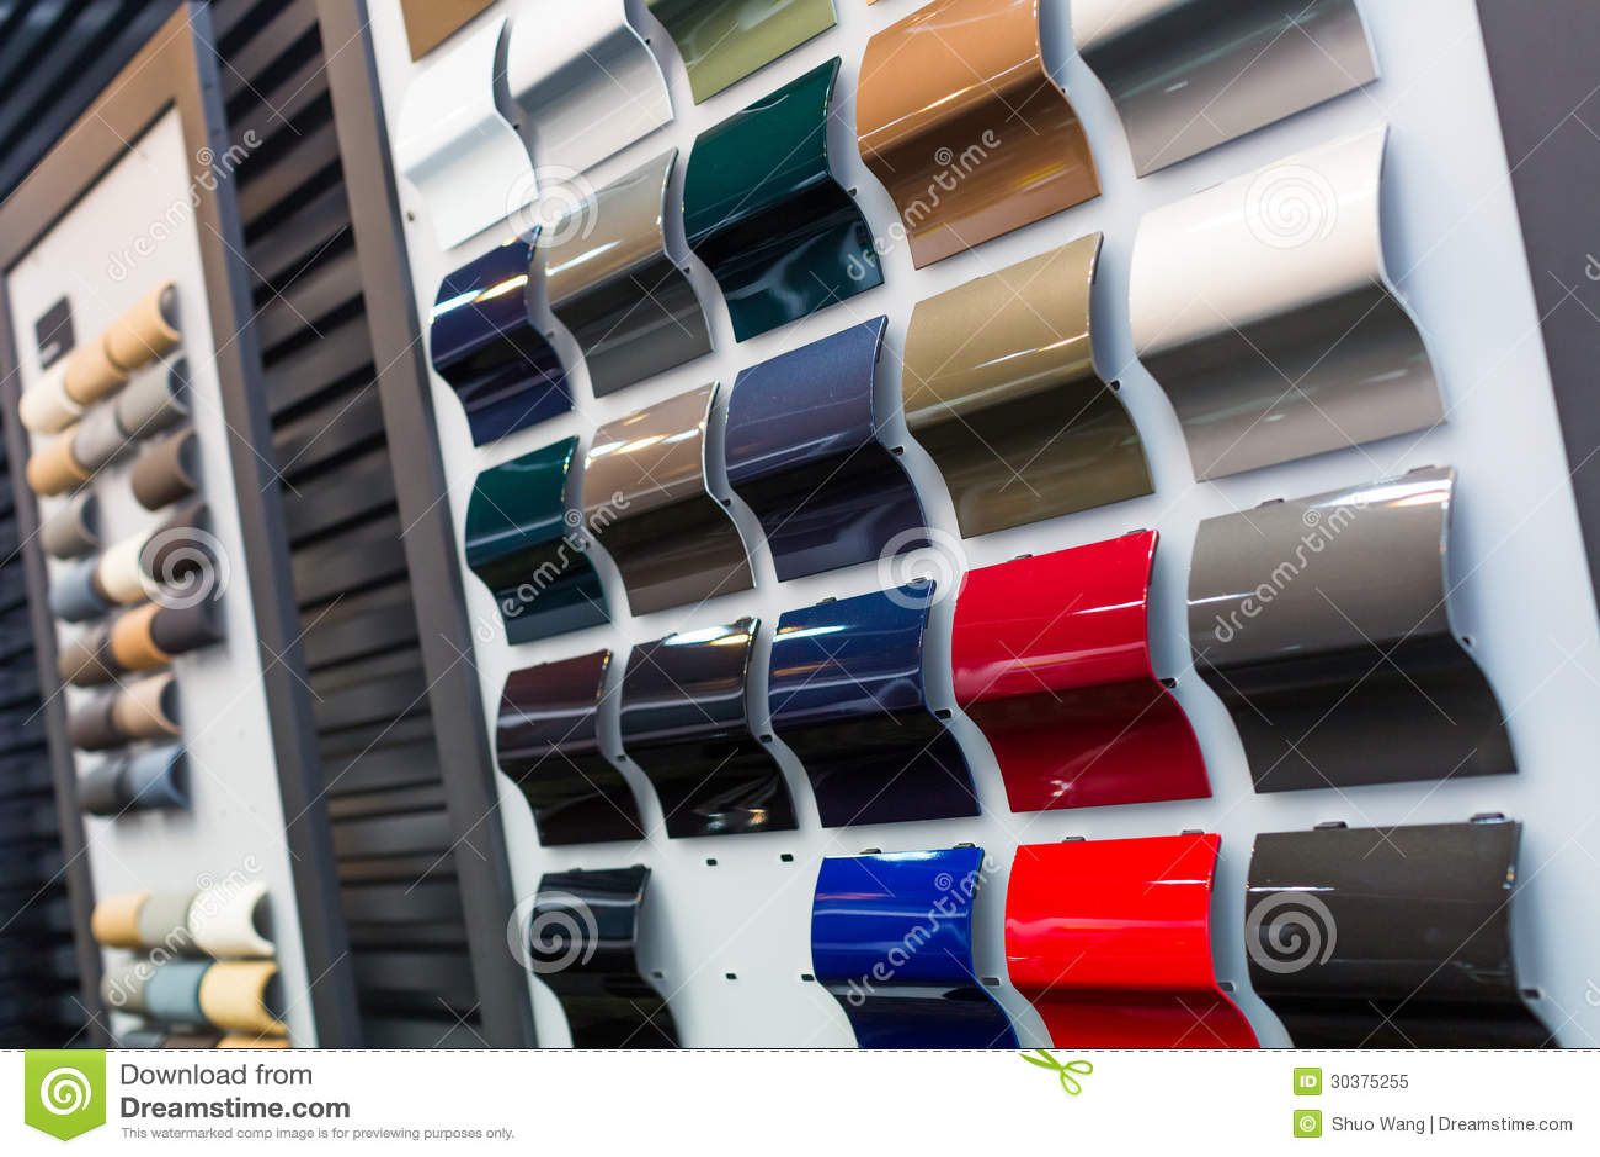 Car paint colour - Car Color Samples Color Samples Car Paint Samples Download